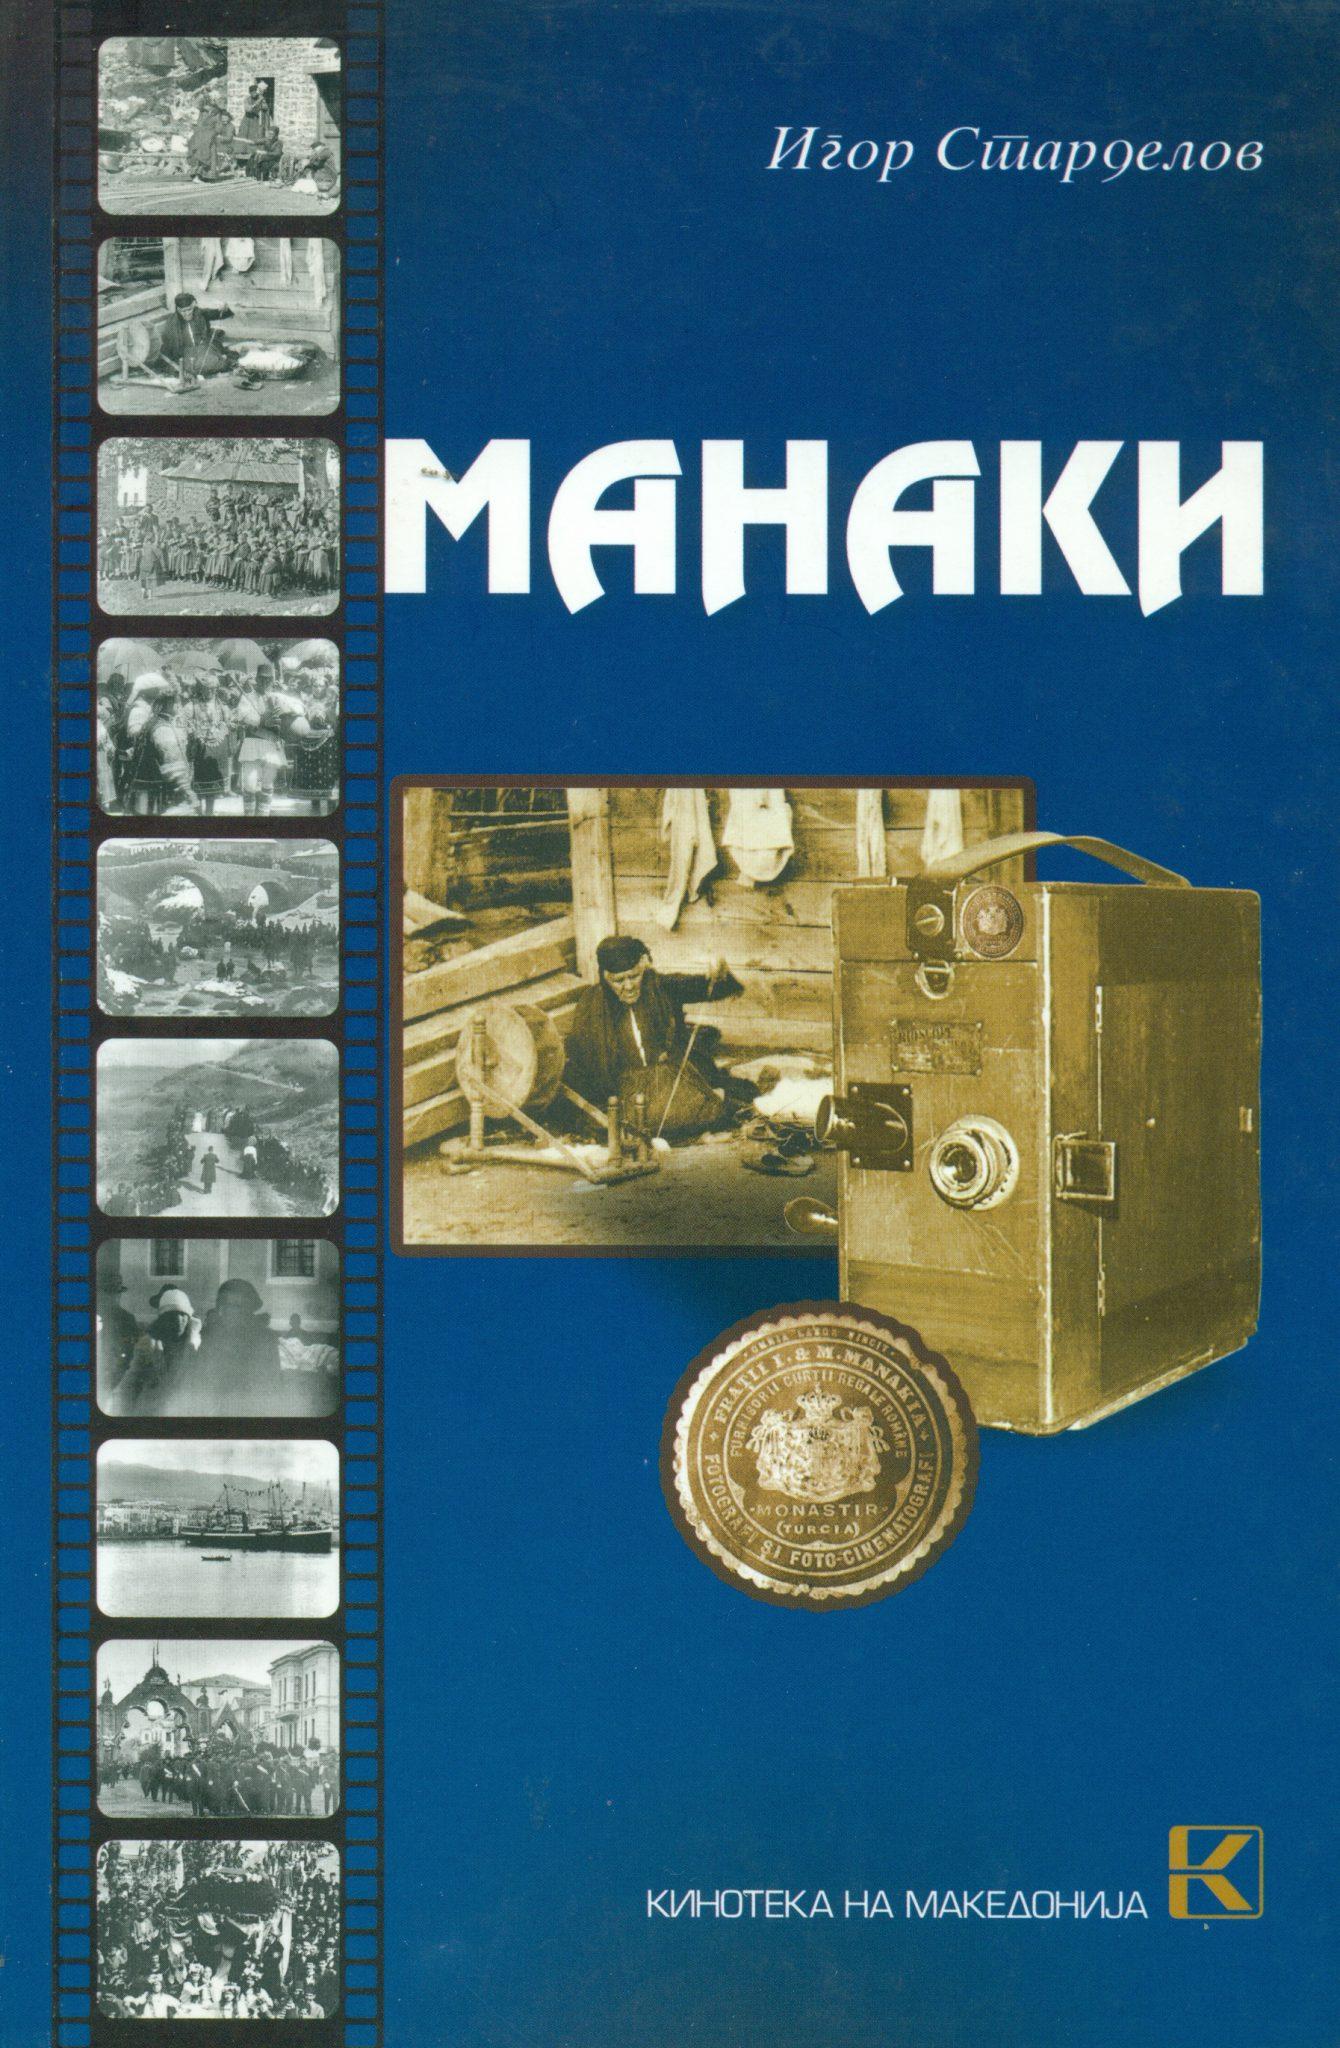 Манаки